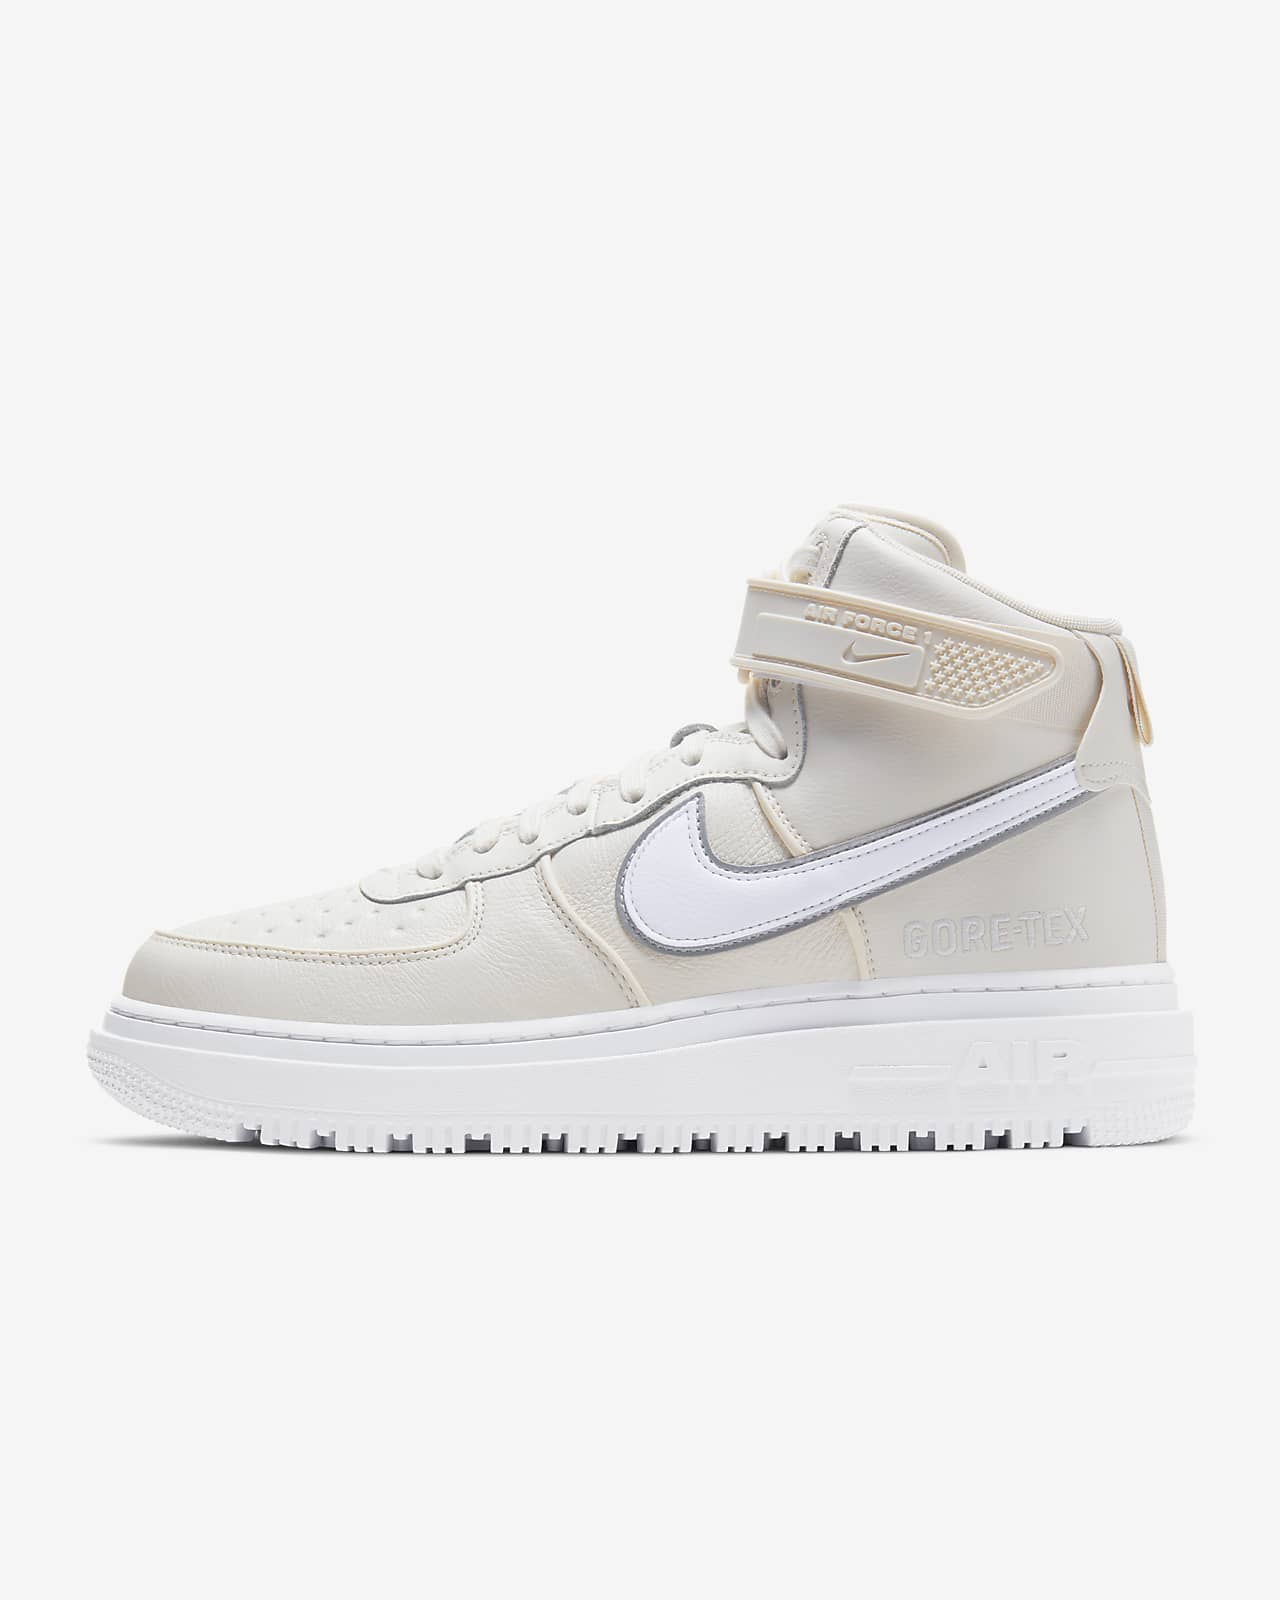 Nike Air Force 1 GORE-TEX Men's Boot